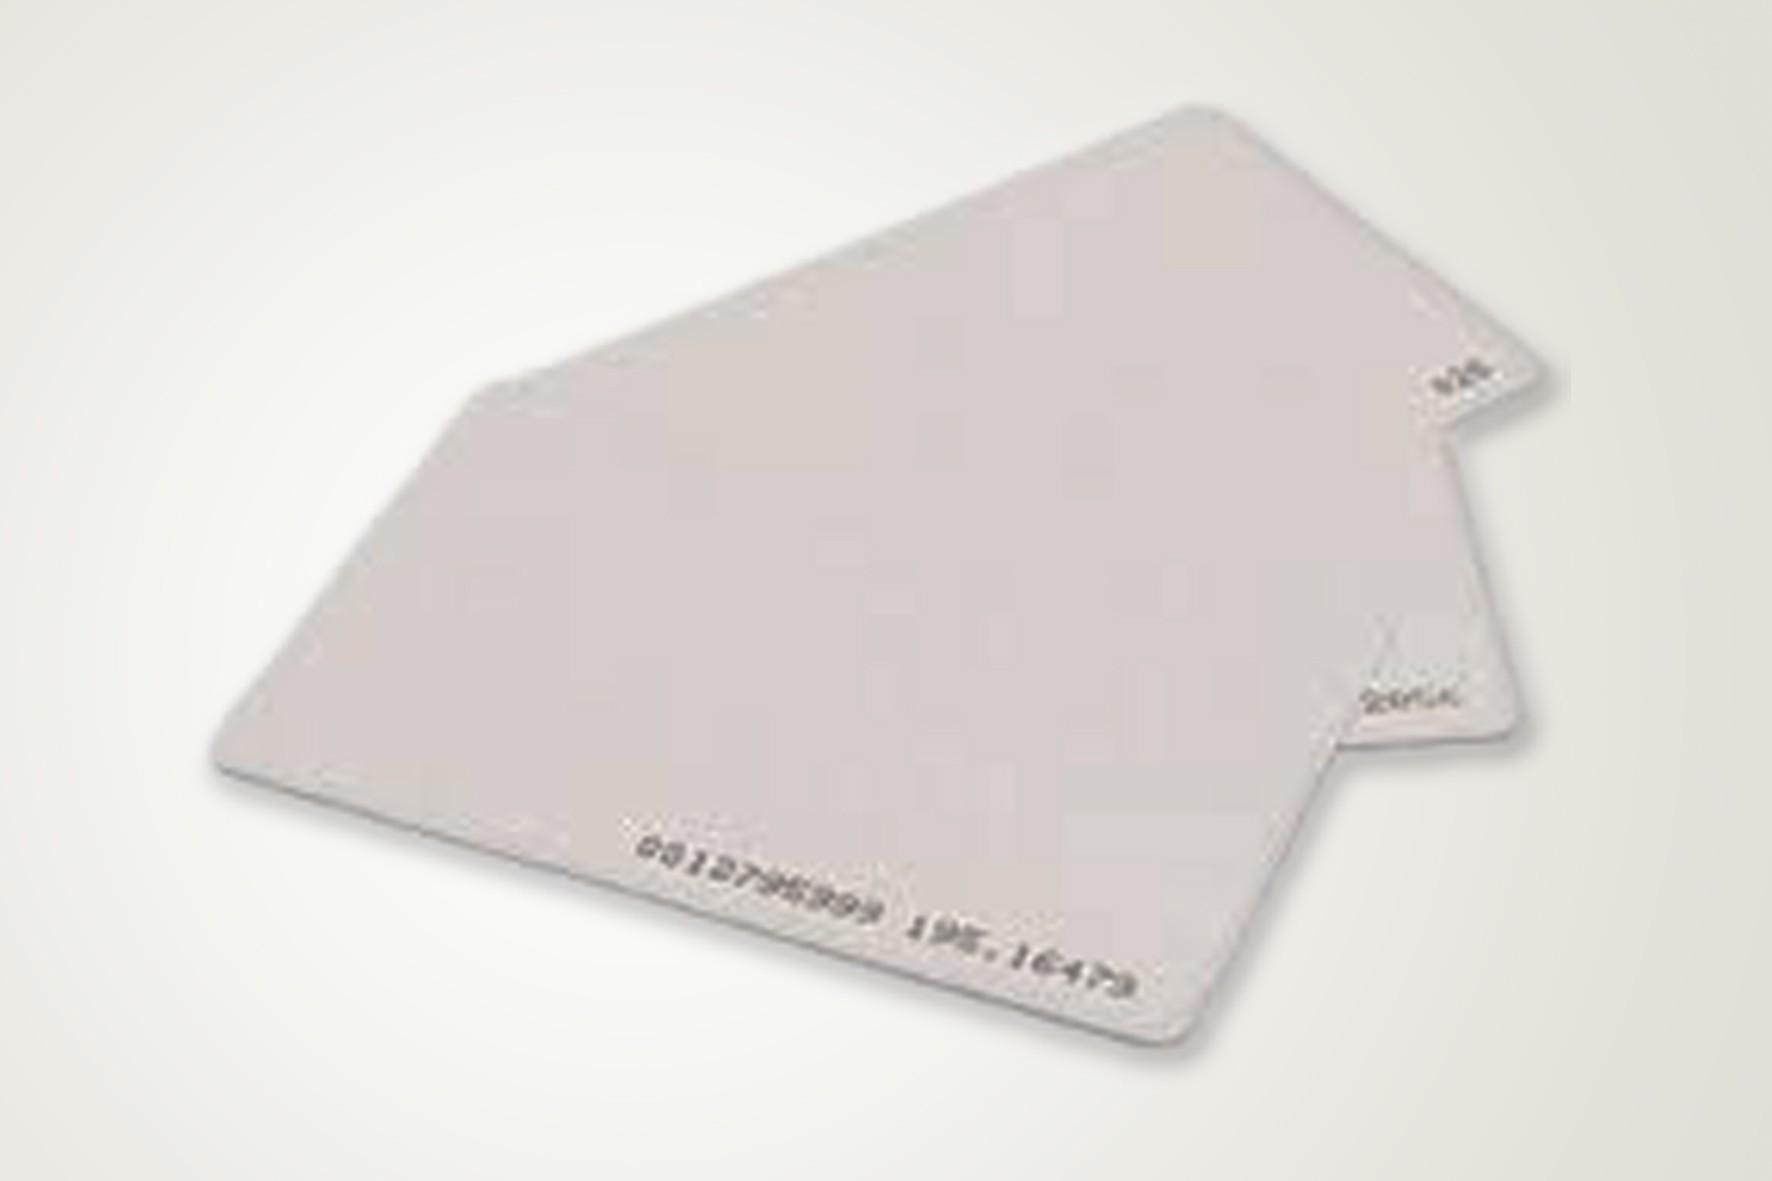 Cartão com Chip de Aproximidade na Cidade Domitila - Crachá de Estacionamento